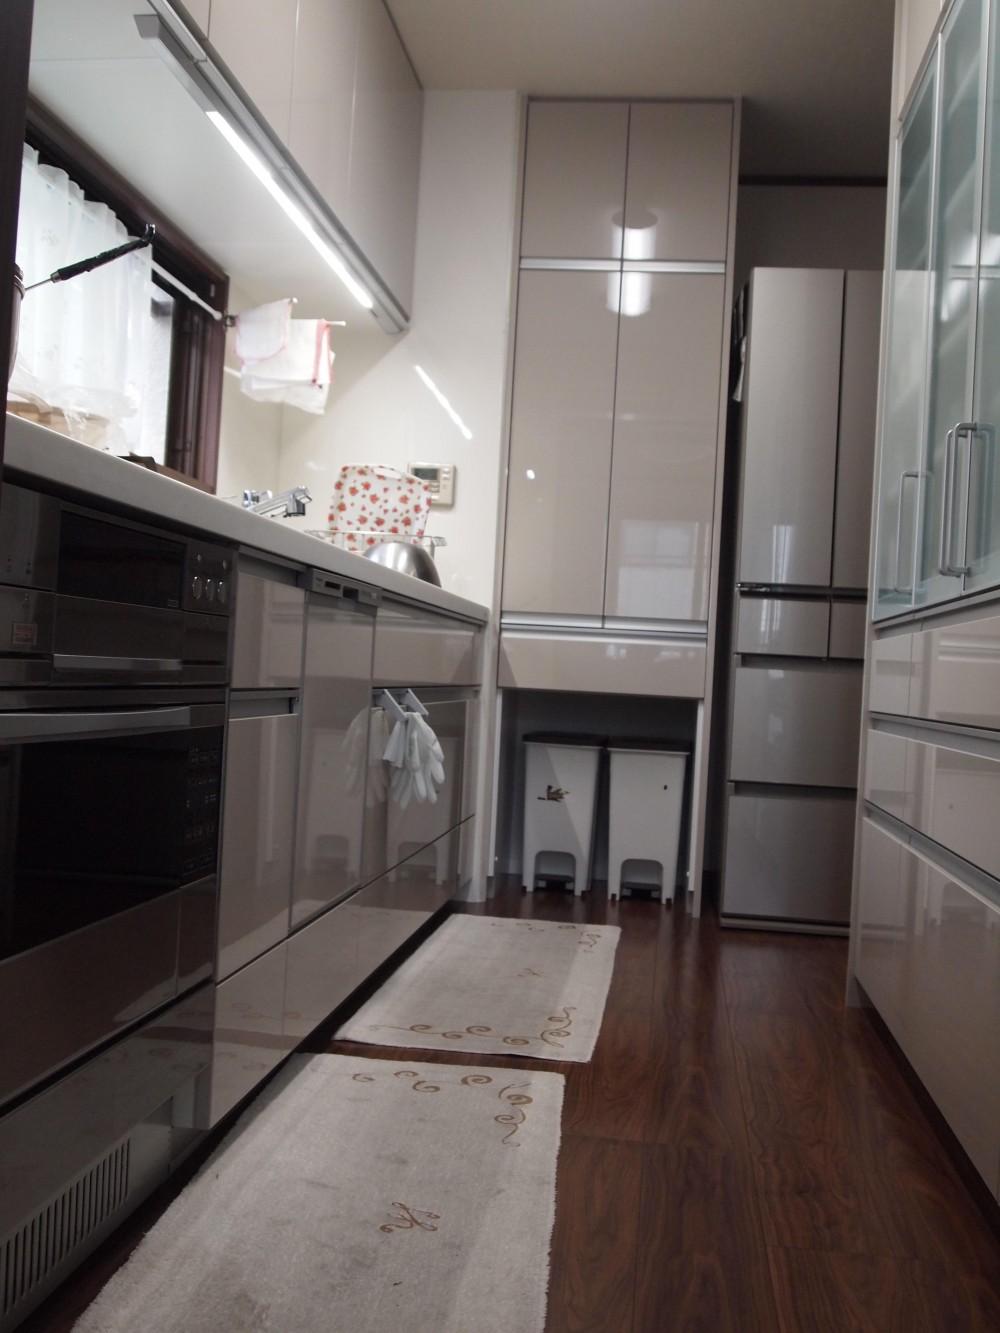 大阪市住吉区 3階建て鉄骨リフォーム (キッチン)